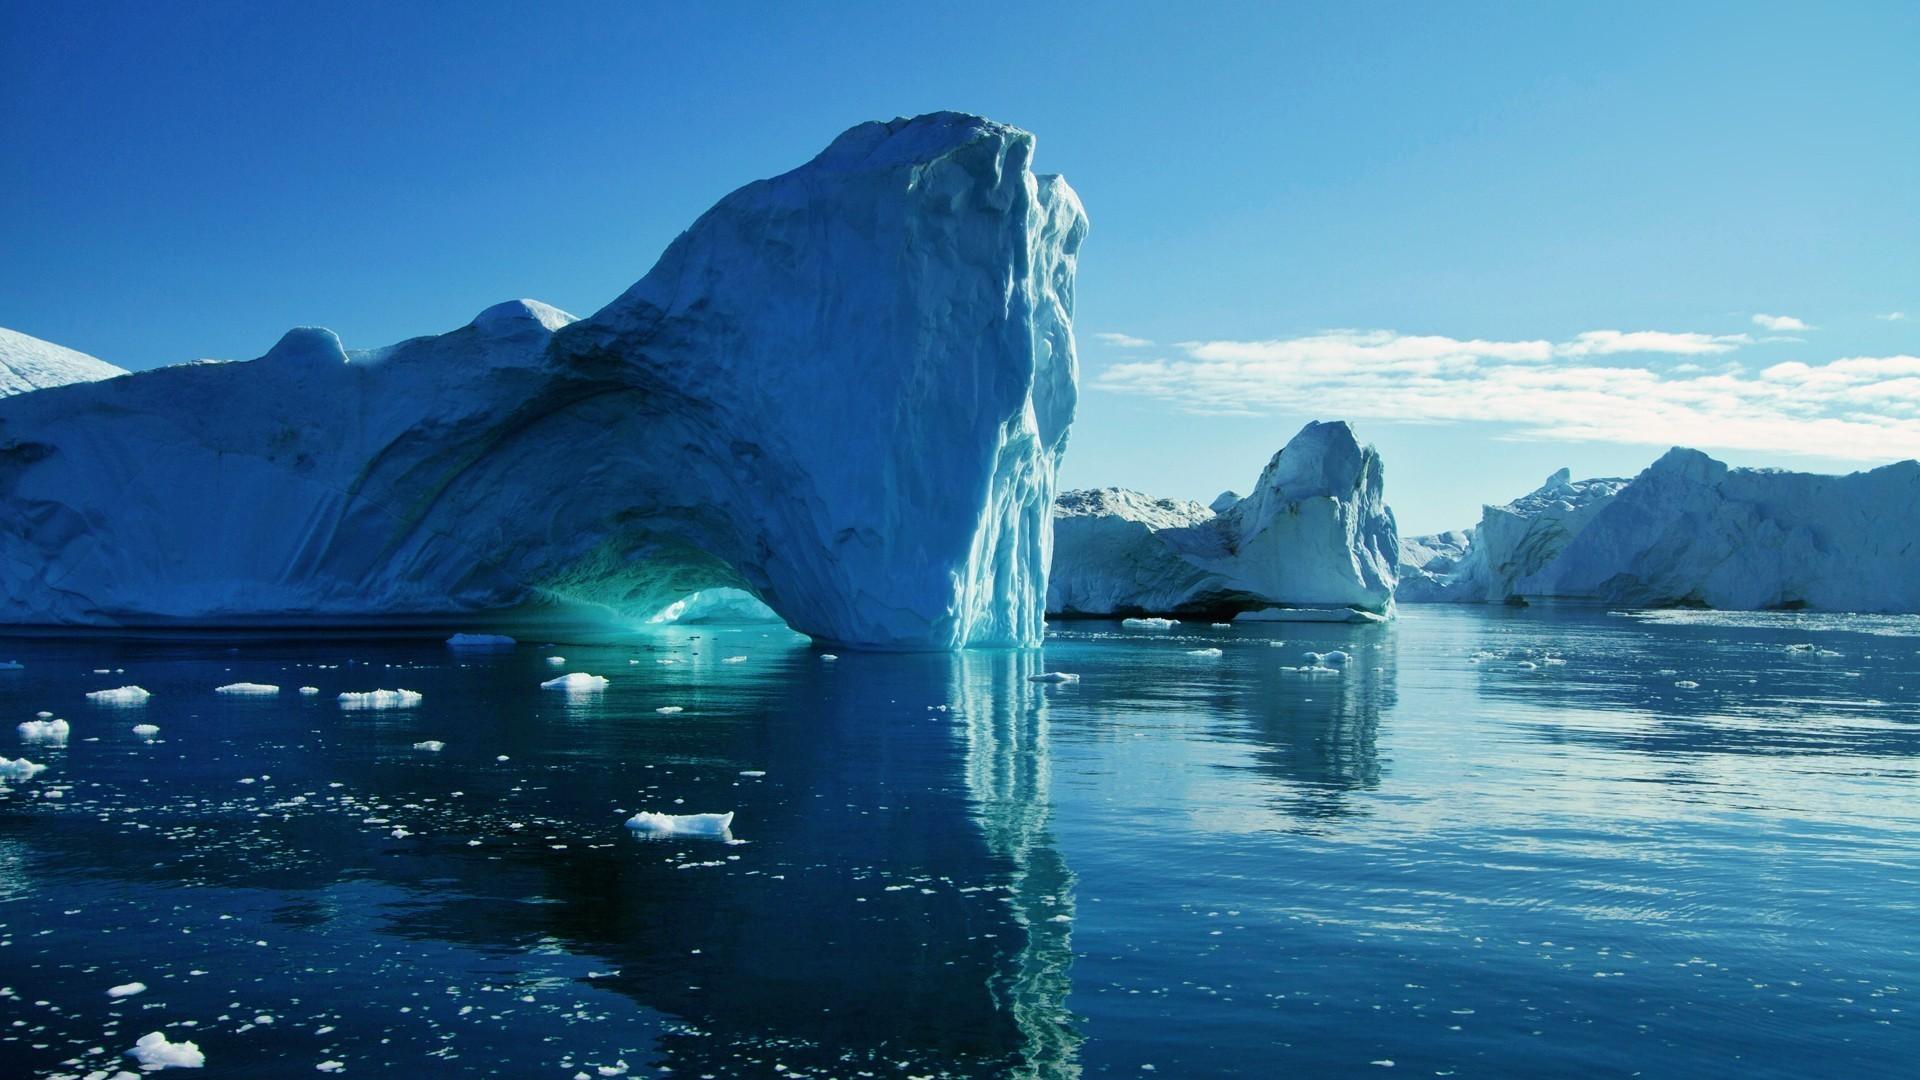 Mappa Geografica del Continente Antartico